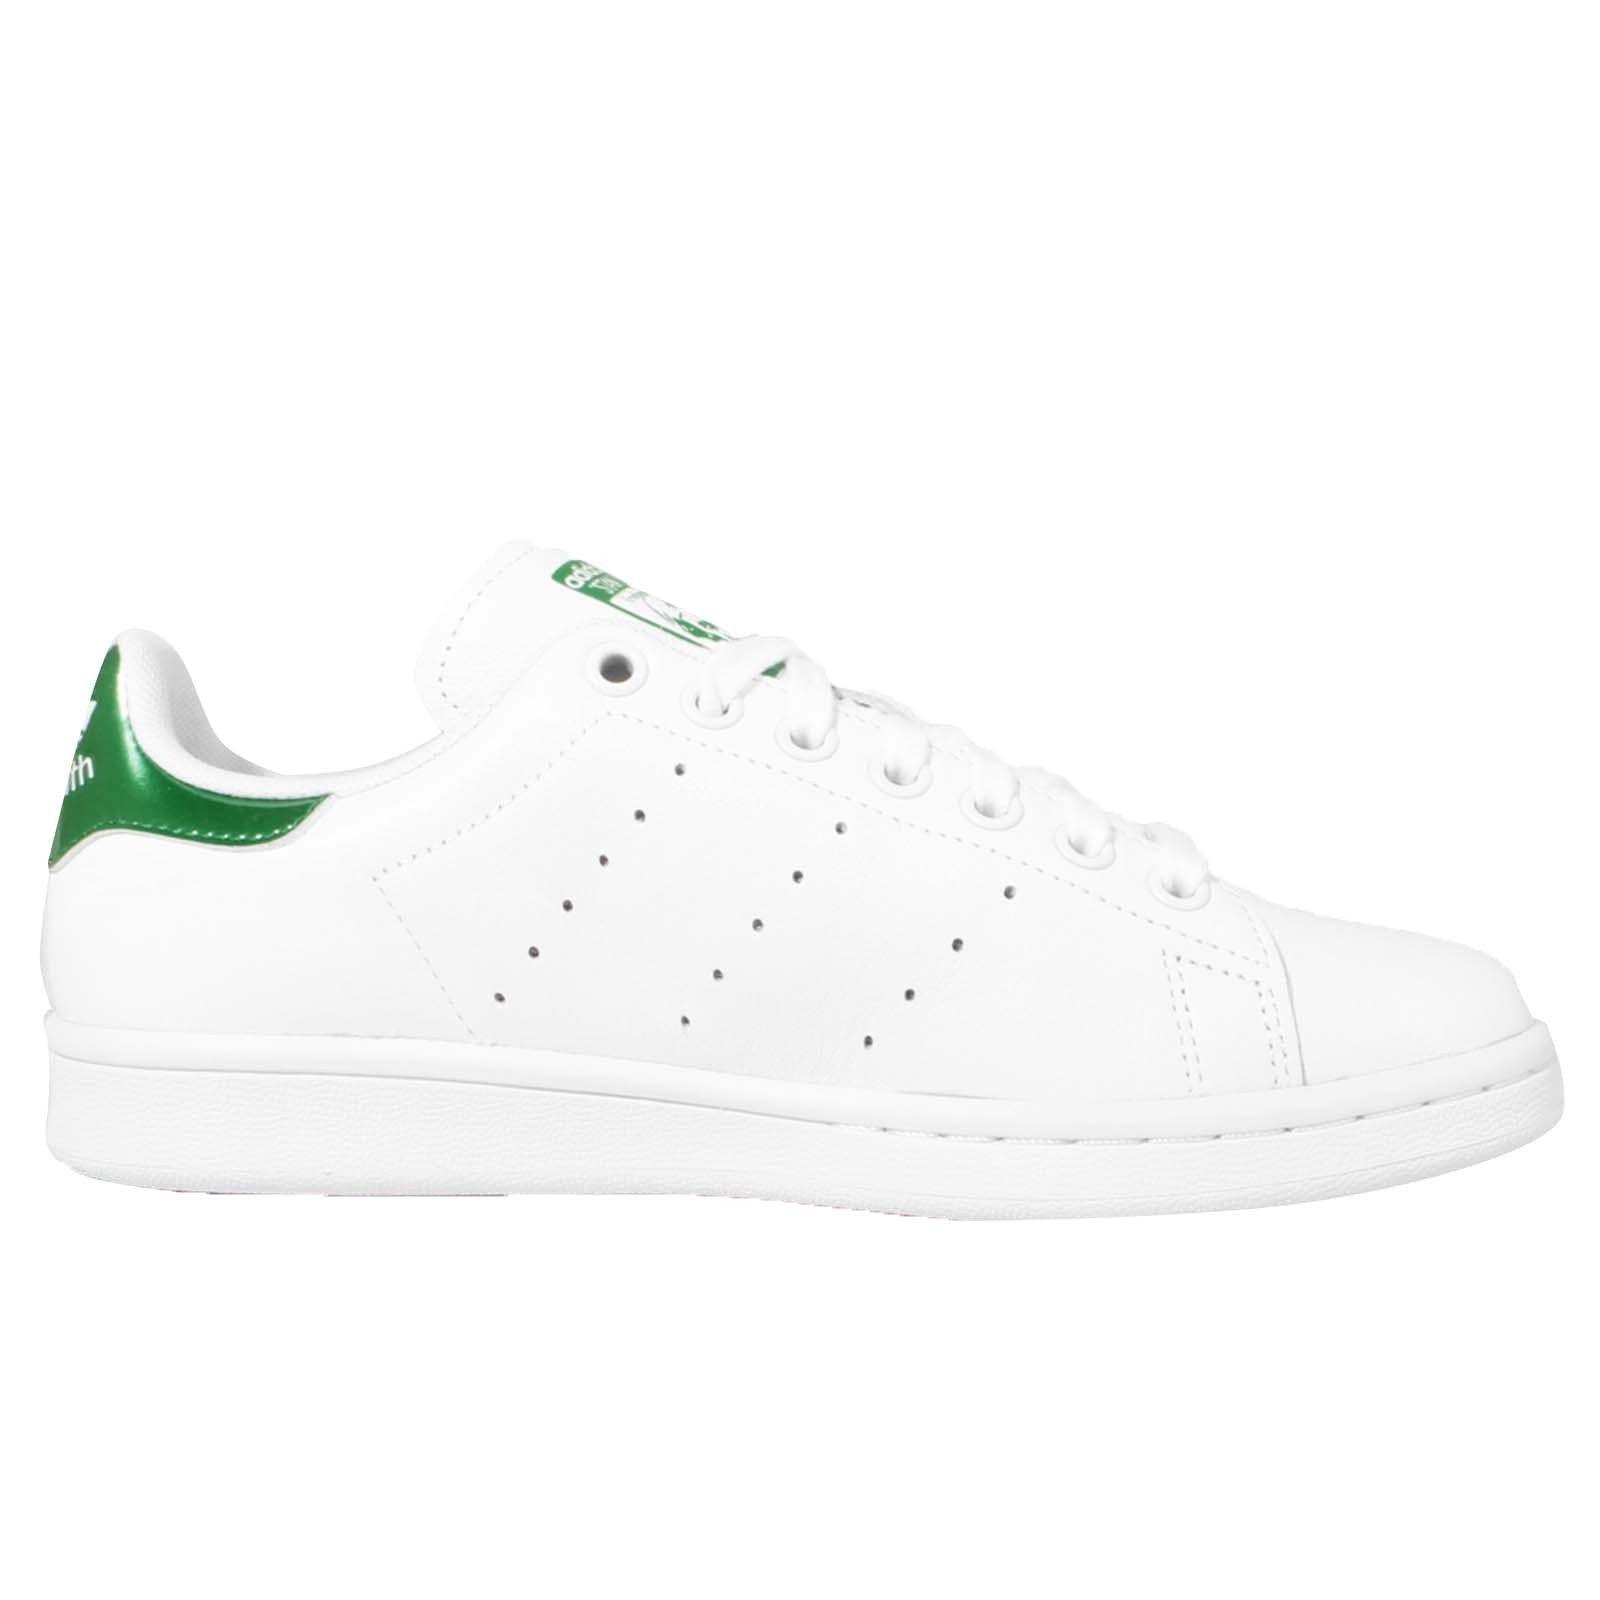 Mujer Adidas Stan Smith con blancoo verde Zapatillas Cuero Informales Aq6805